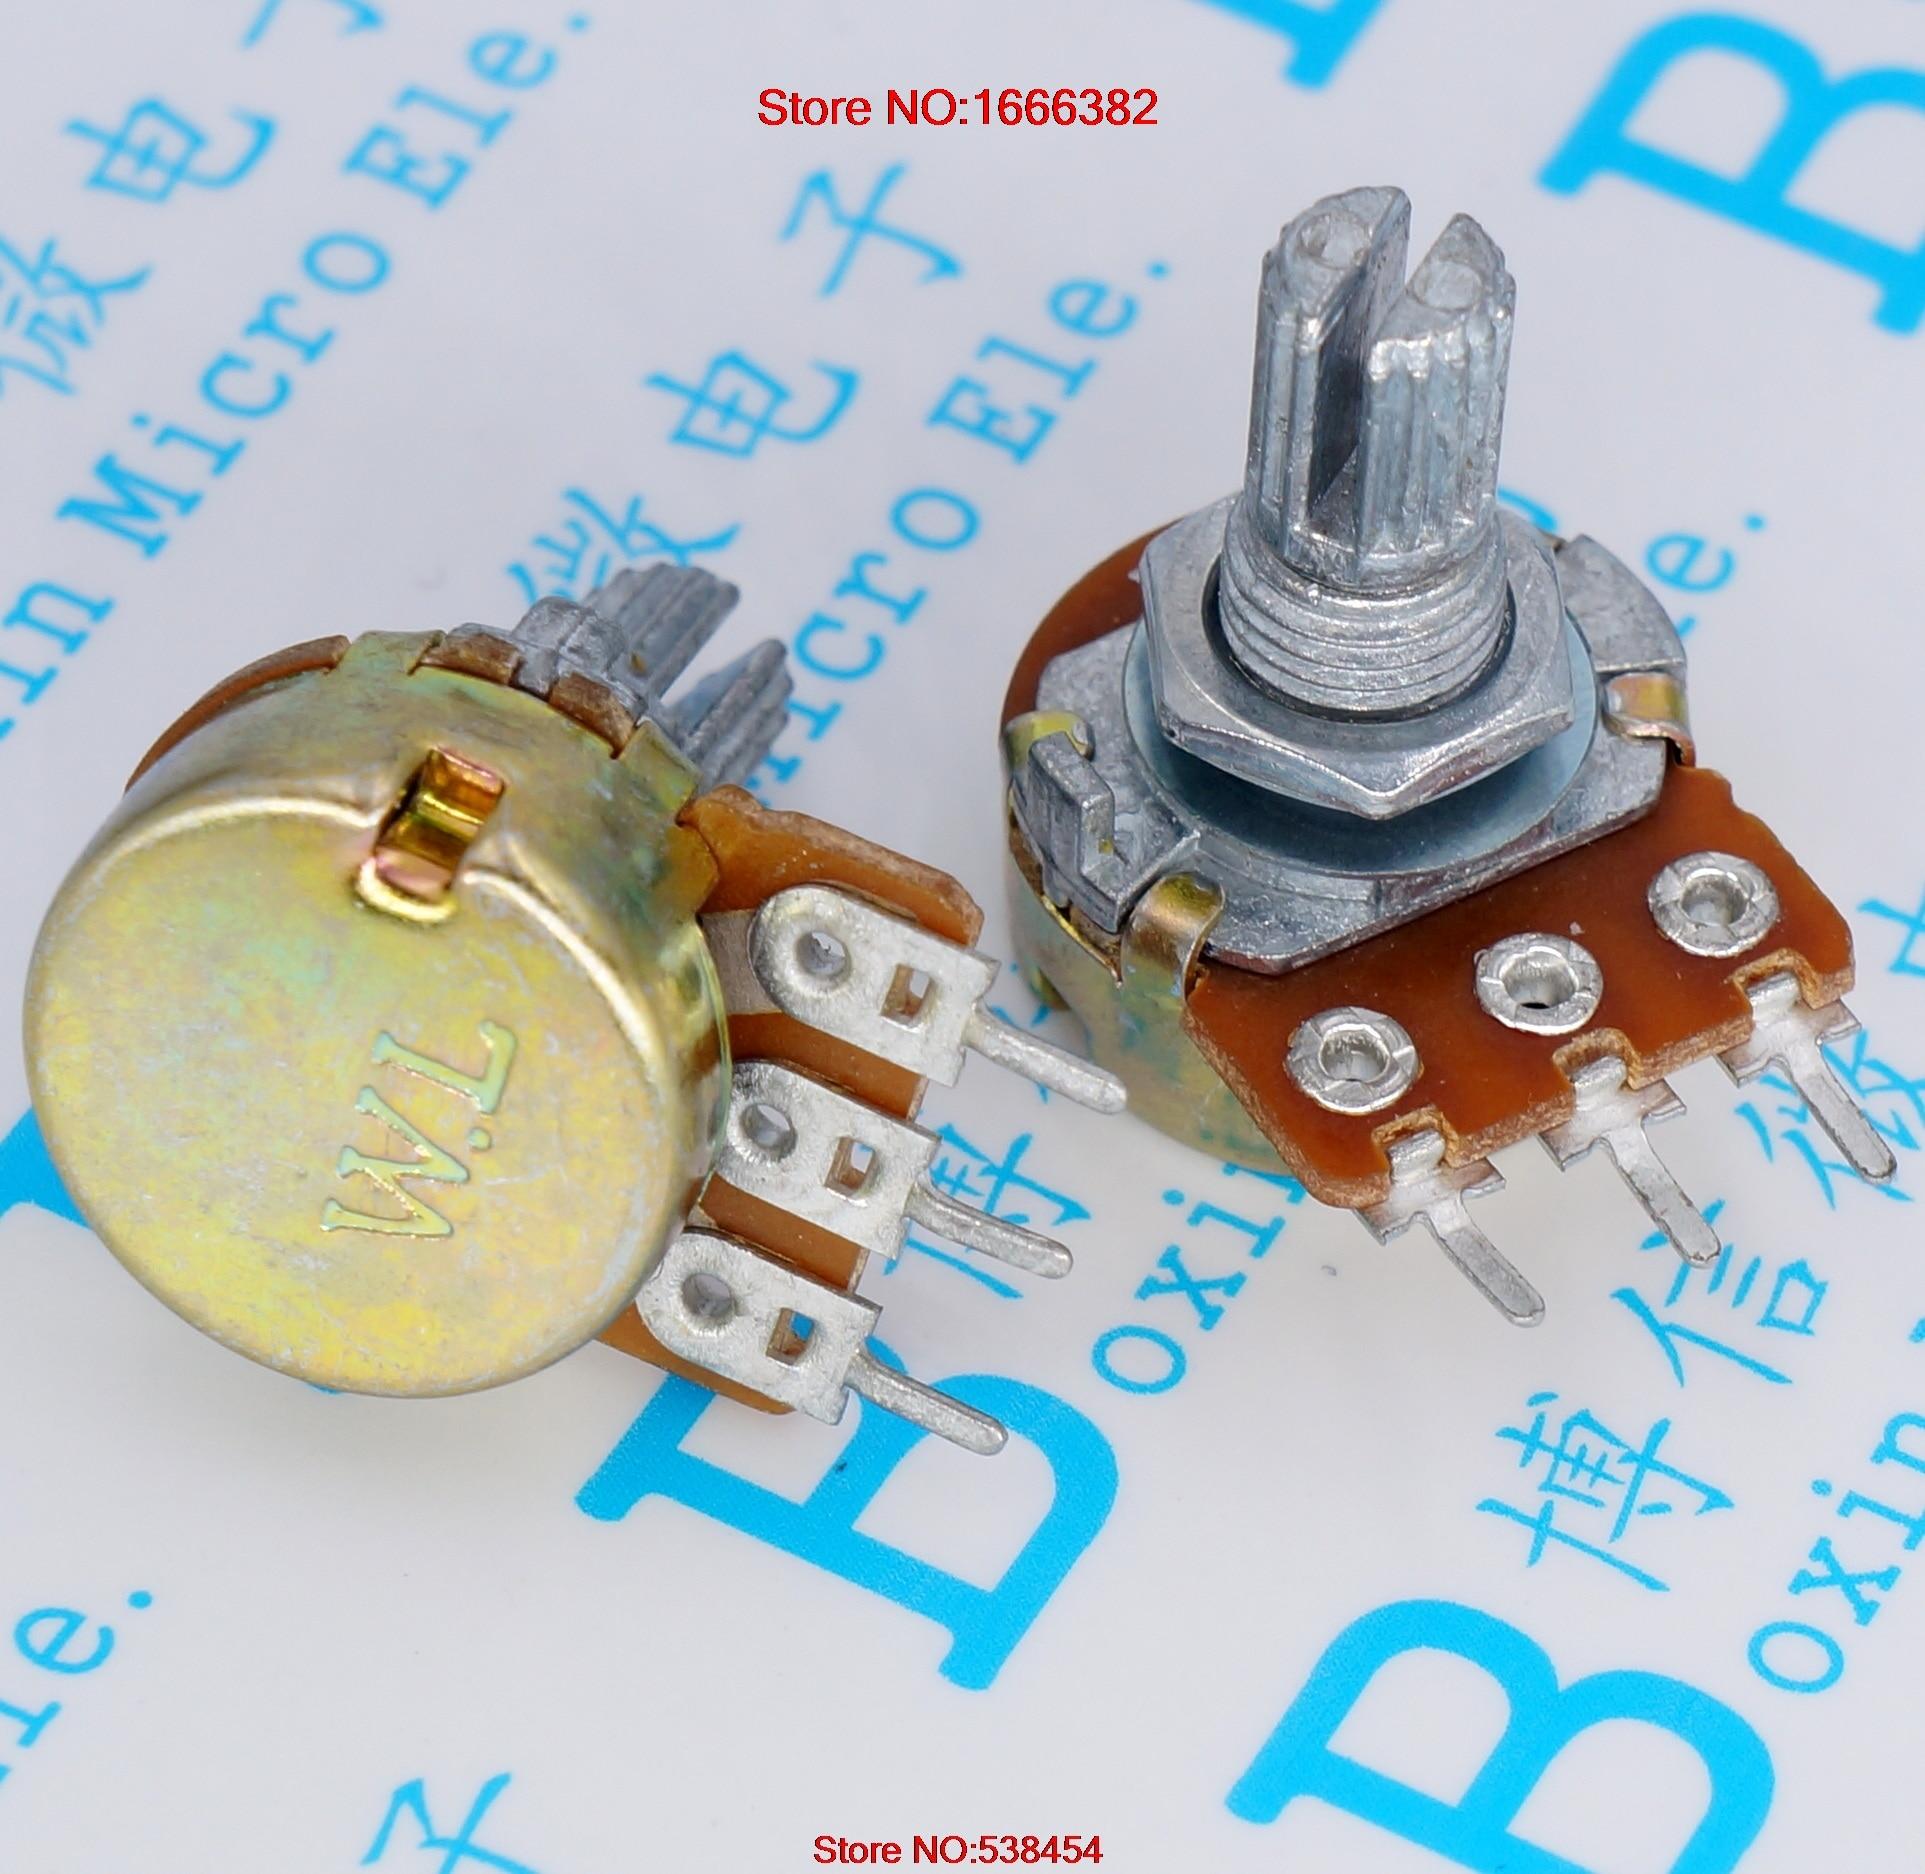 Gemotiveerd Wh148 250 K 254 Drie Voeten 15 Mm Handvat Lange Horizontale B250k Enkele Potentiometer (met Schroeven) Handvat Lengte: 15 Mm Uitgebreide Selectie;